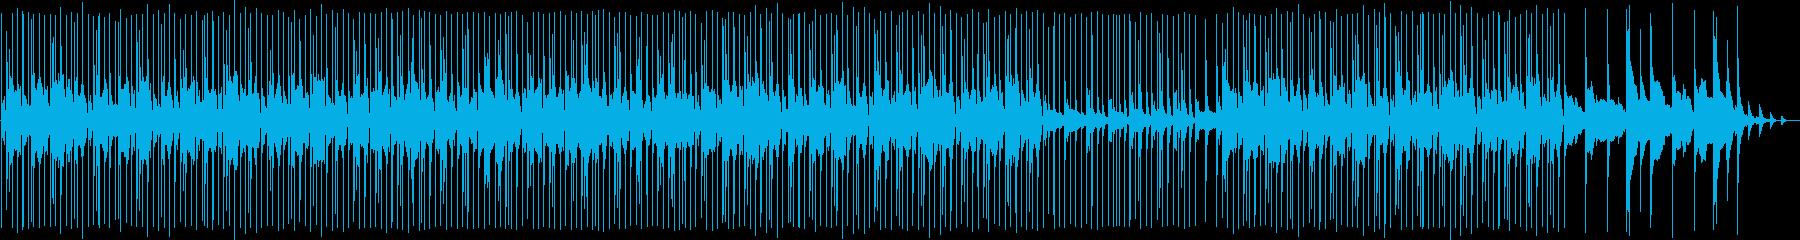 和楽器の楽しい和風ミュージックの再生済みの波形